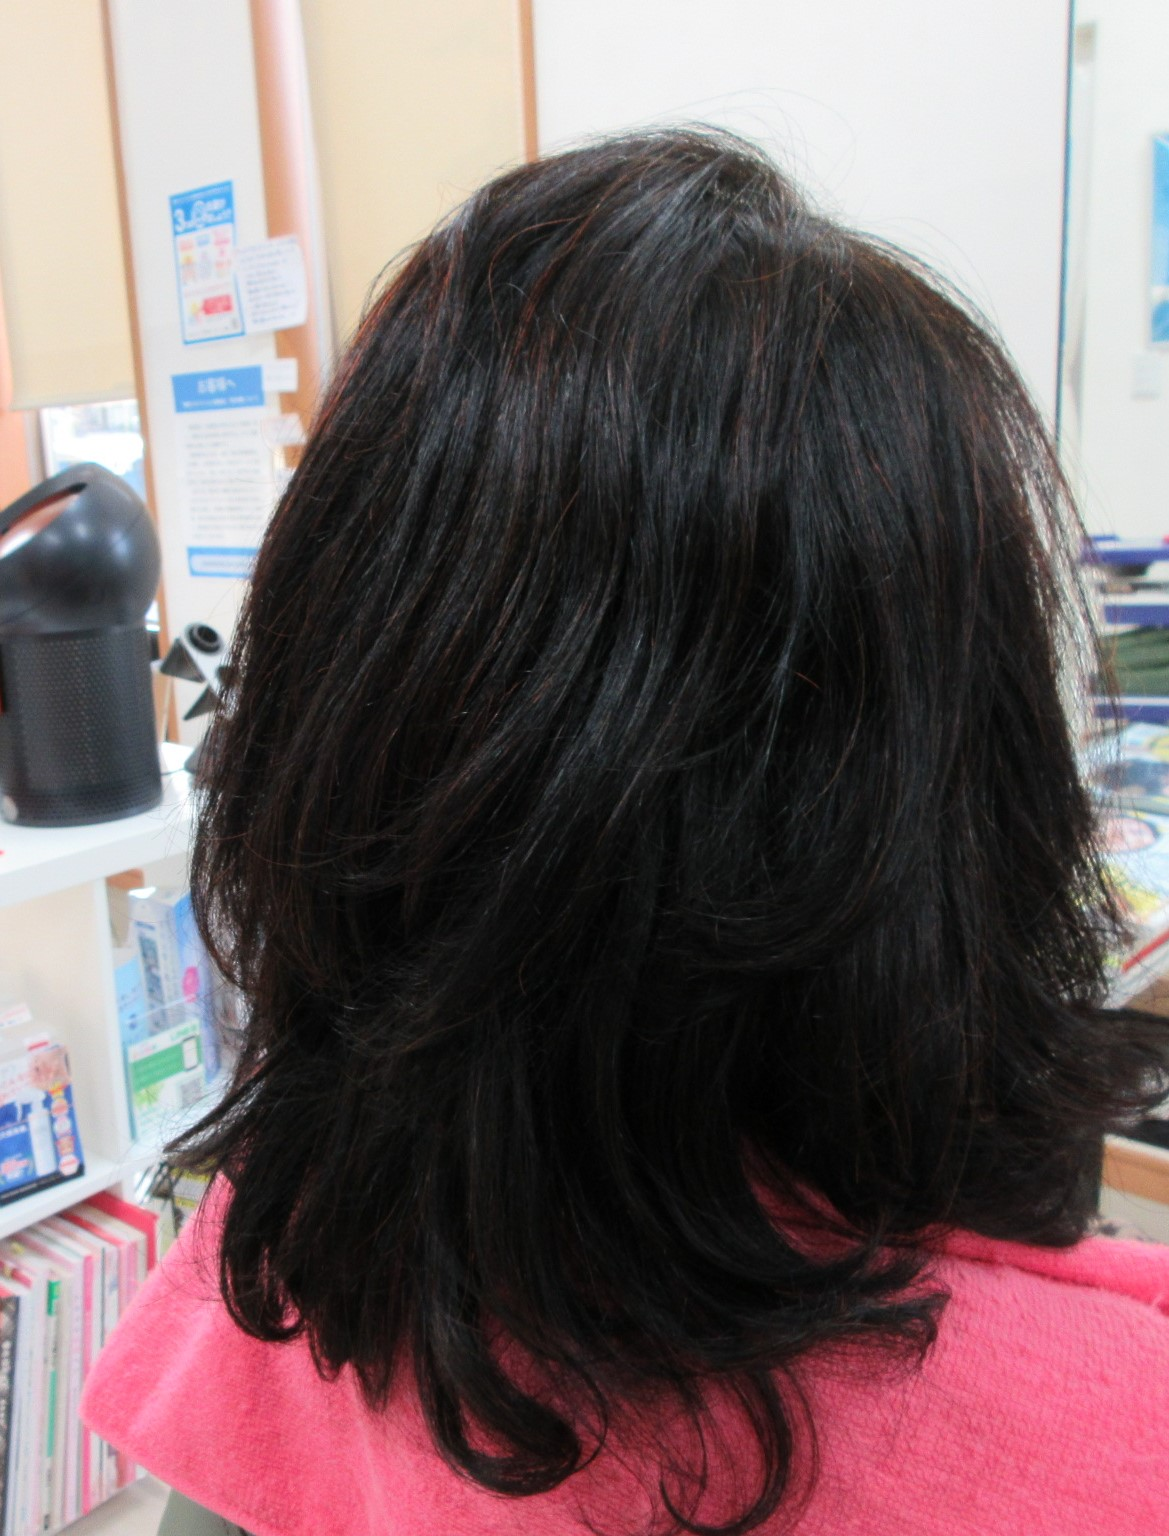 くせ毛でも、パーマを掛けたような素敵な髪です。